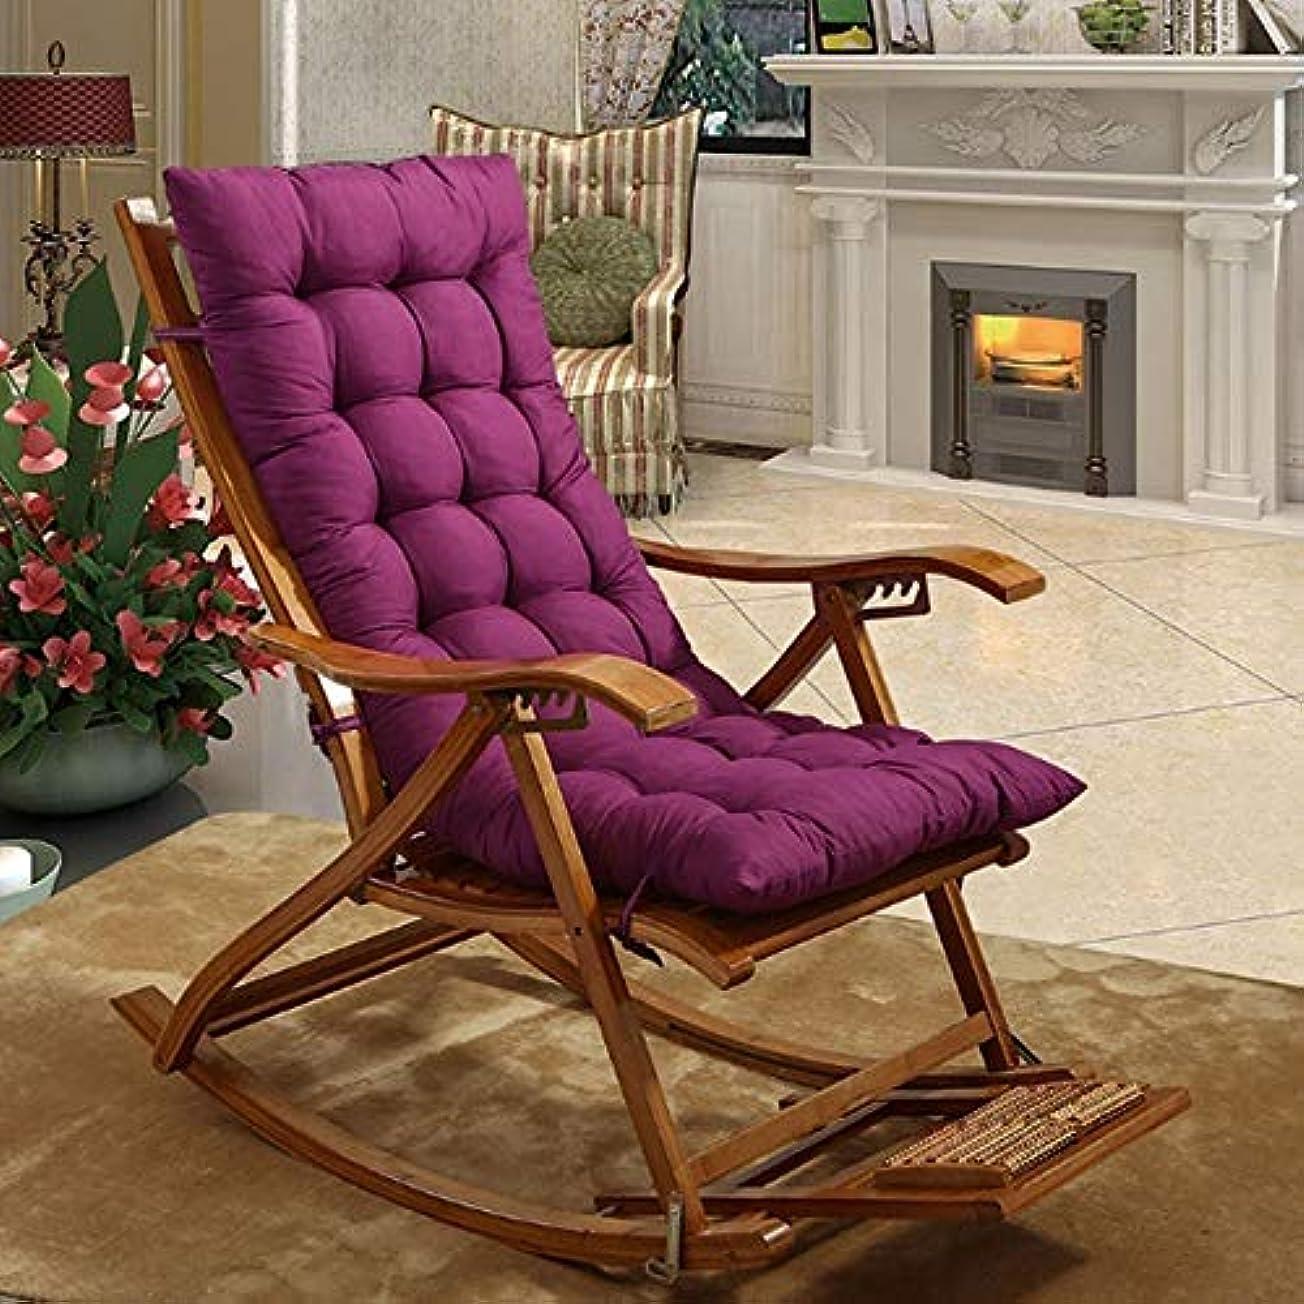 屋内で舗装するニックネームLIFE 48 × 120 センチメートルベンチソファクッション装飾高品質ポリエステル繊維ジャー椅子のクッション暖かい快適な畳マットパッド クッション 椅子